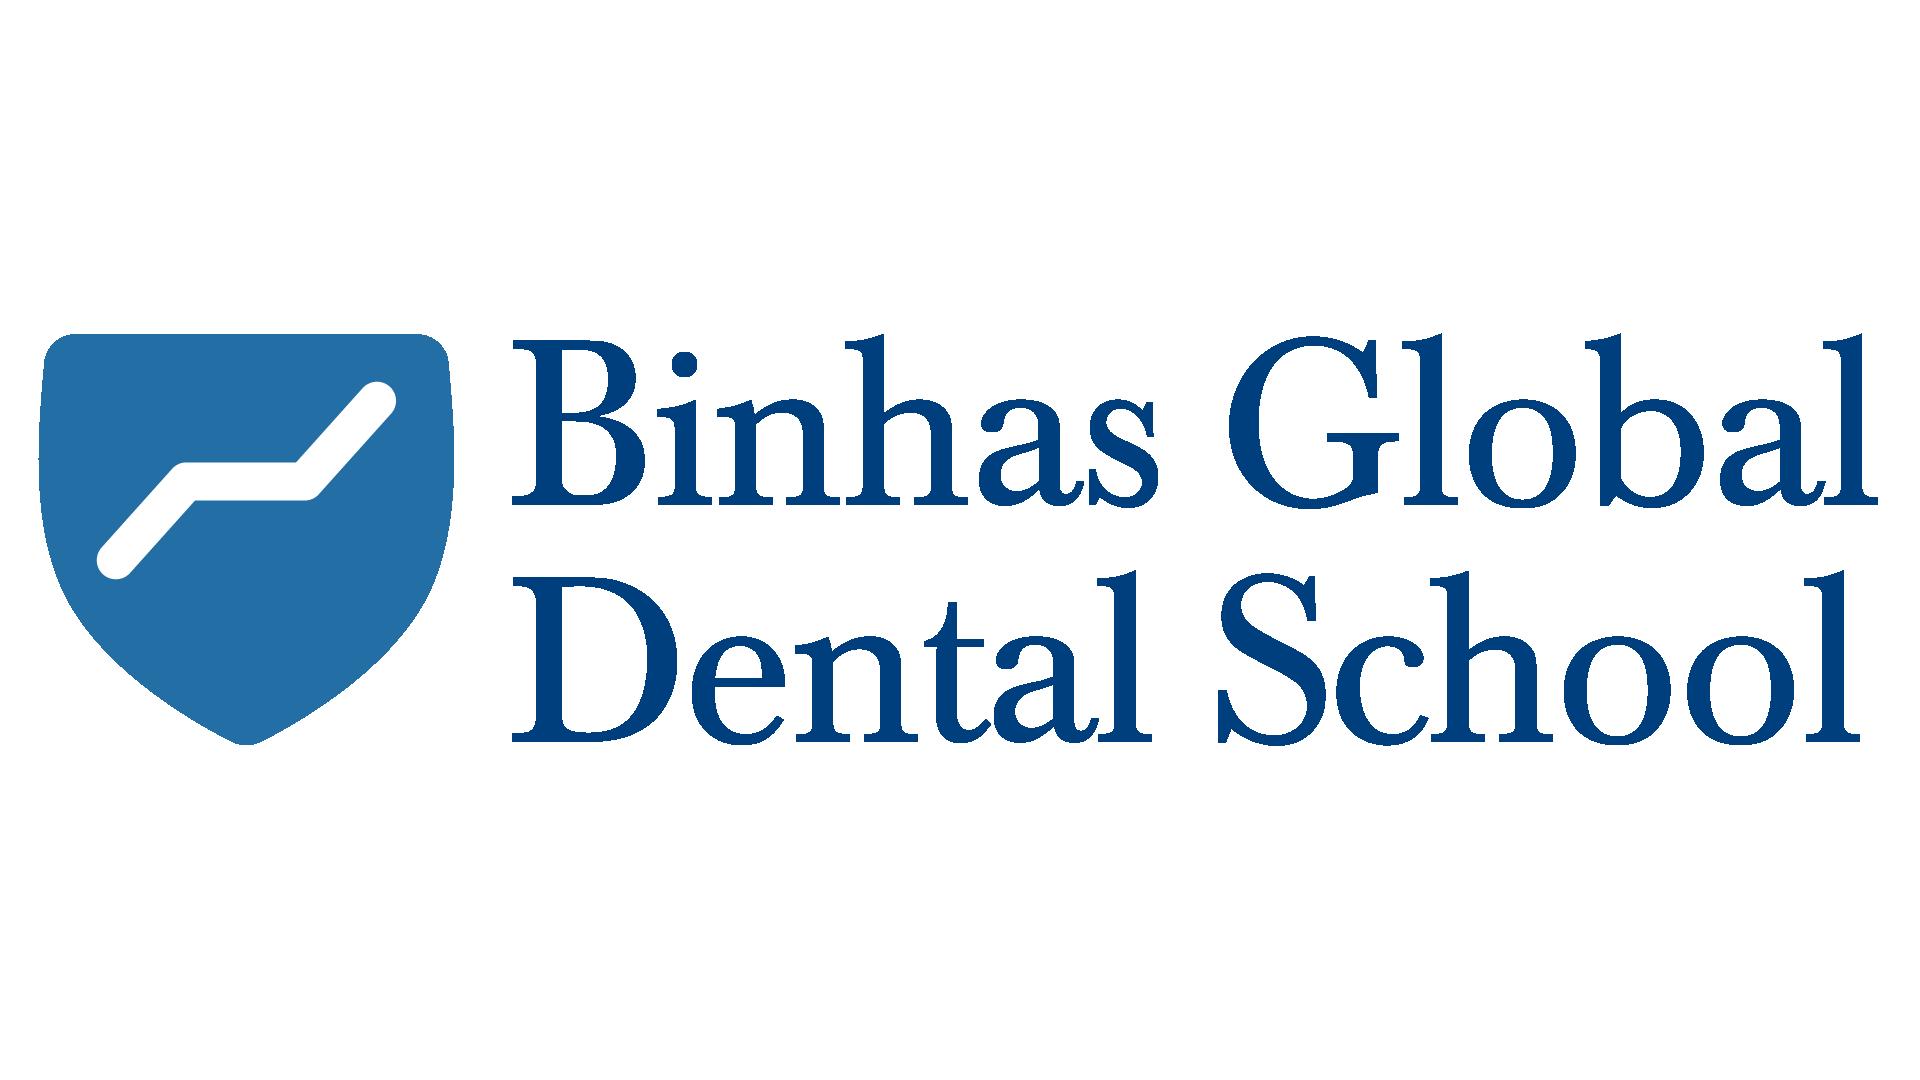 Binhas Global Dental School